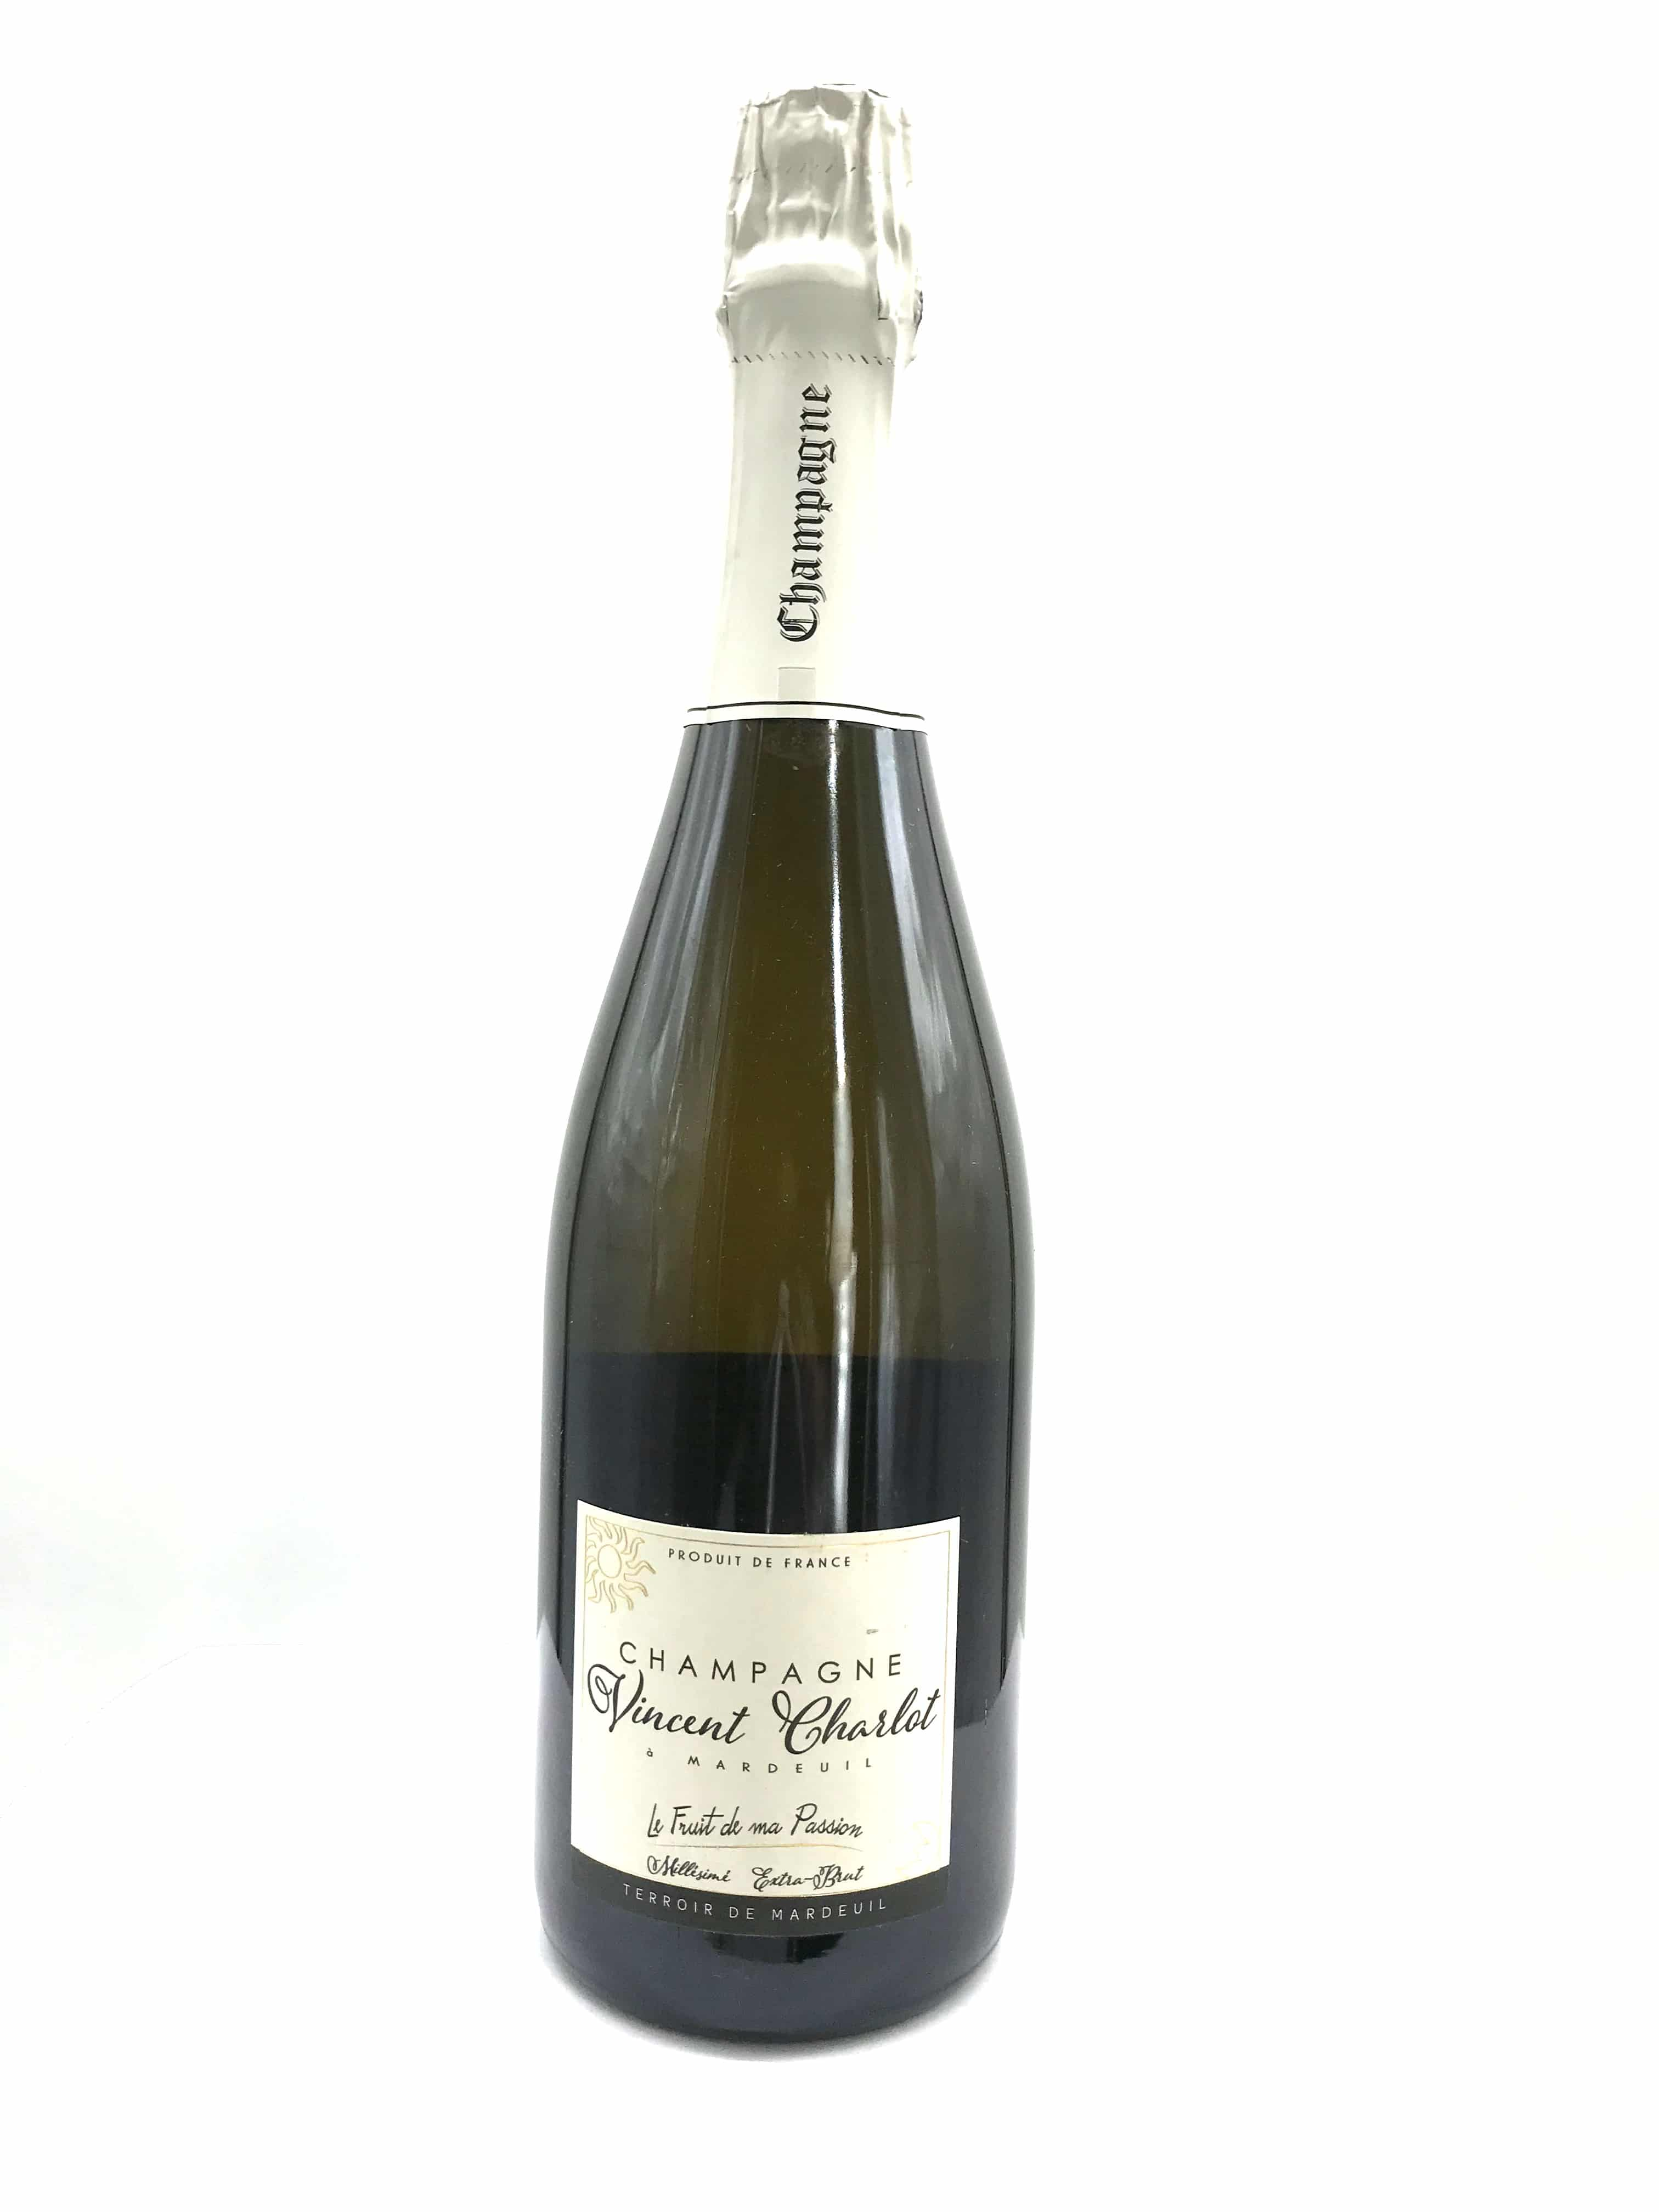 Champagne Charlot Tanneux Fruit De Ma Passion